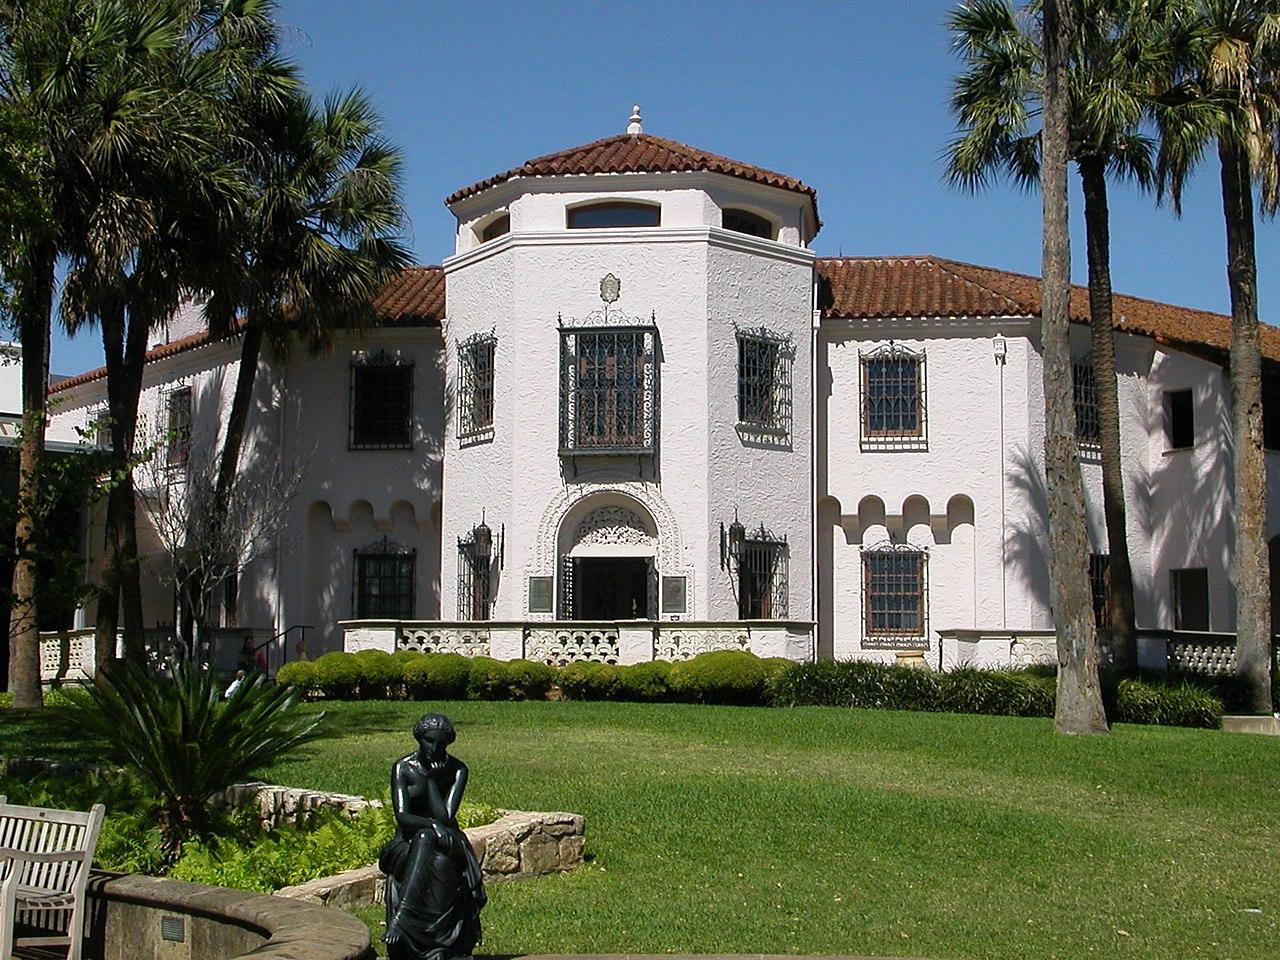 McNay Art Museum - Amazing Museum in San Antonio